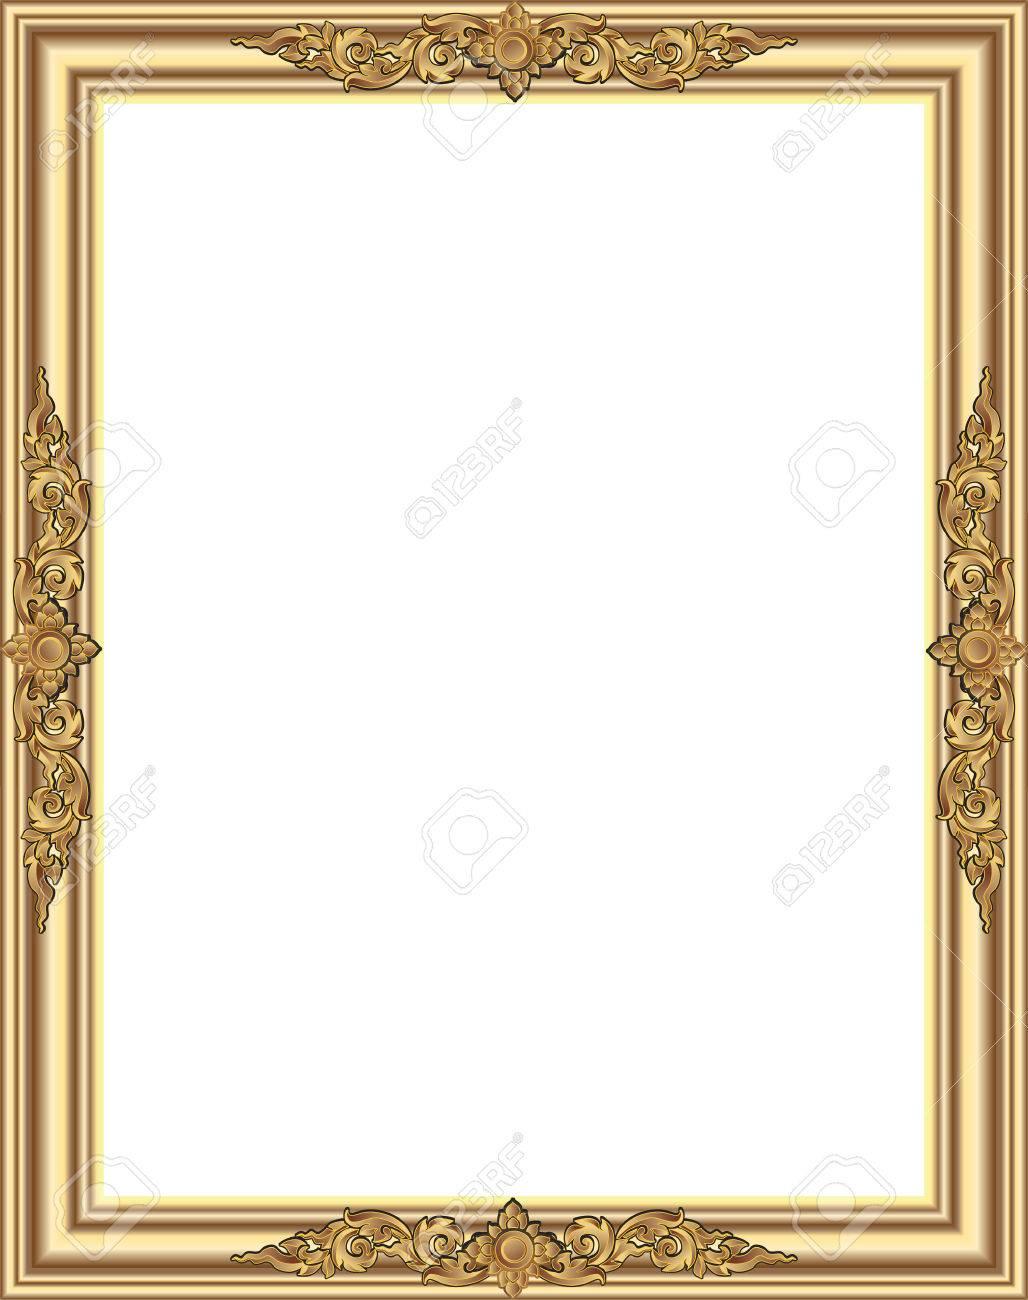 Gold-Bilderrahmen Mit Ecke Blumen Thailand Linie Für Bild, Vektor ...